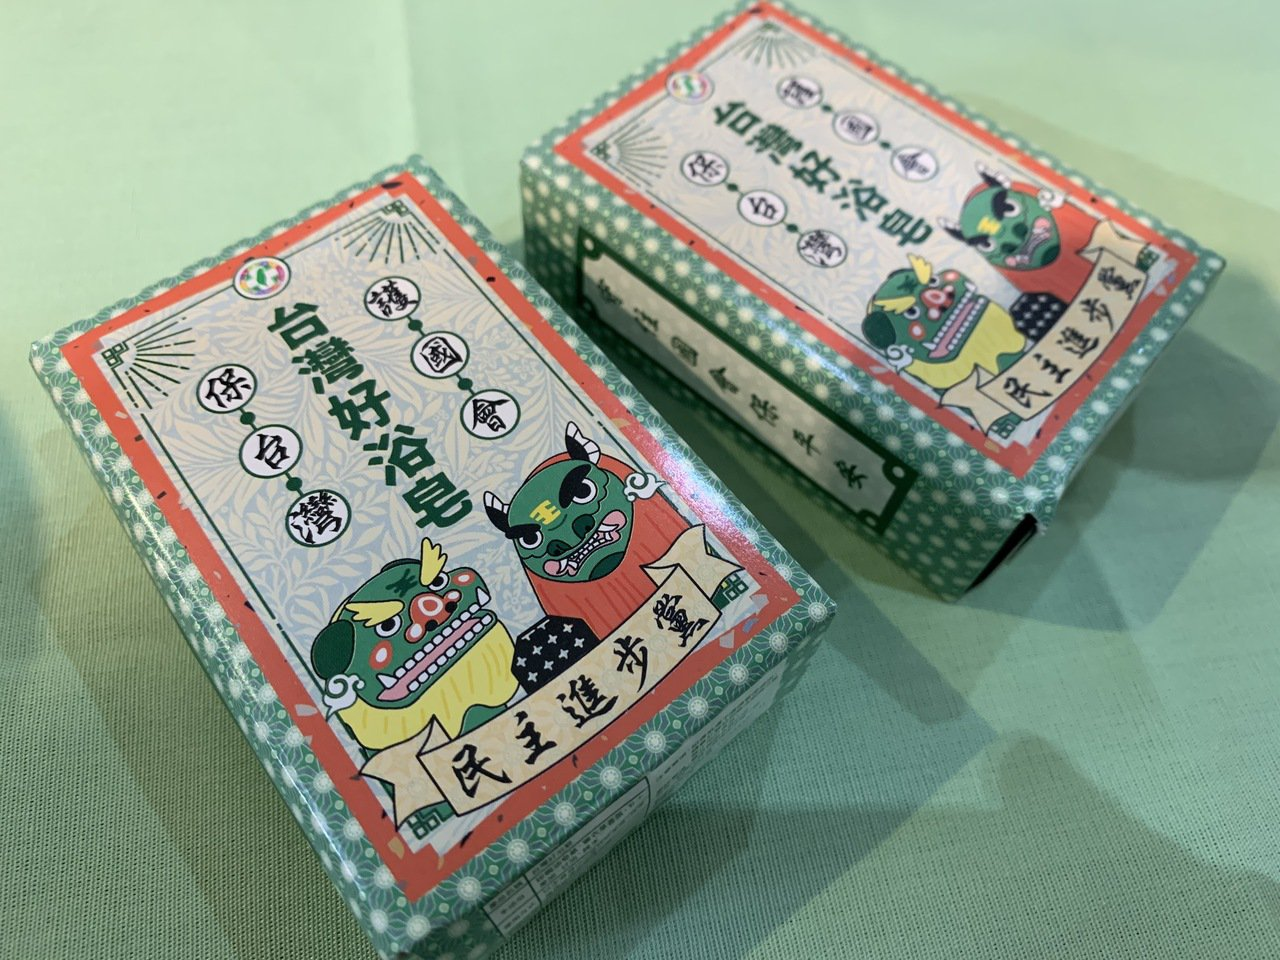 民進黨推出的文宣小物頗實用,從台灣好浴皂到青春面膜、 橡皮擦、咖啡包都有。記者翁...